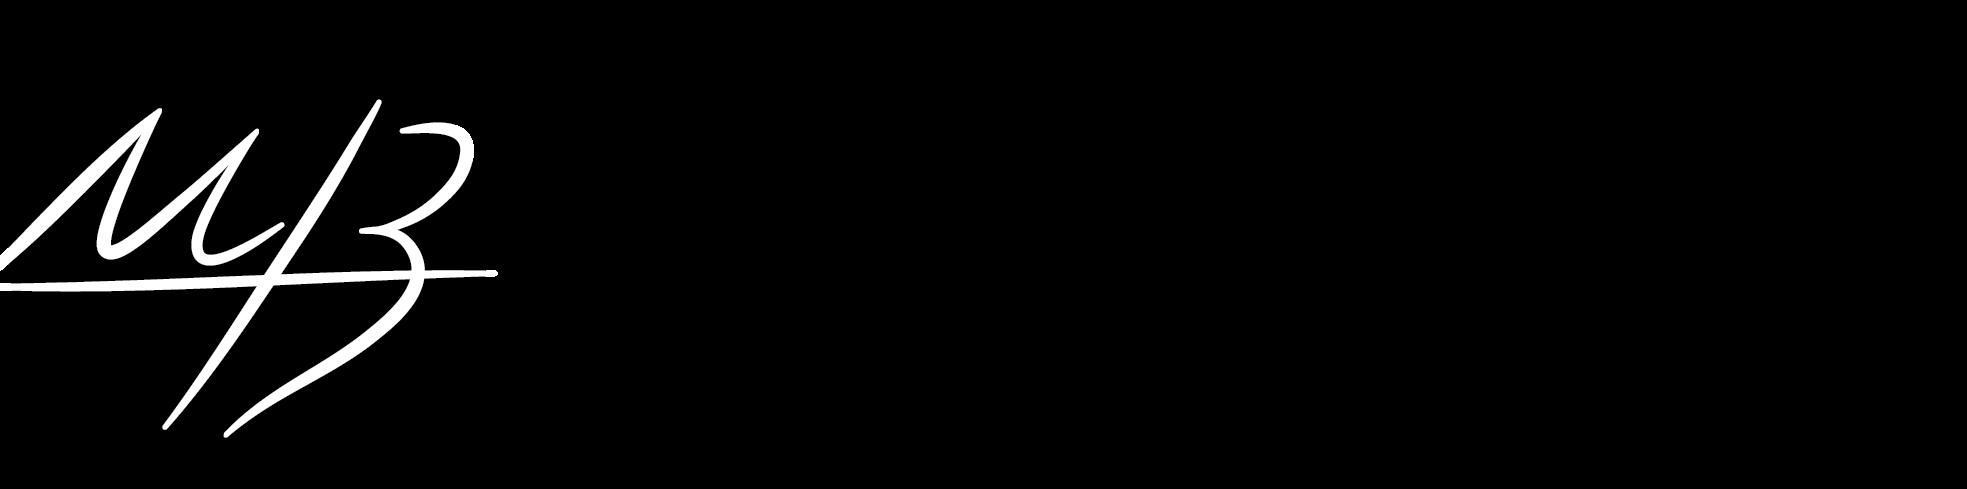 MARA BRANCO